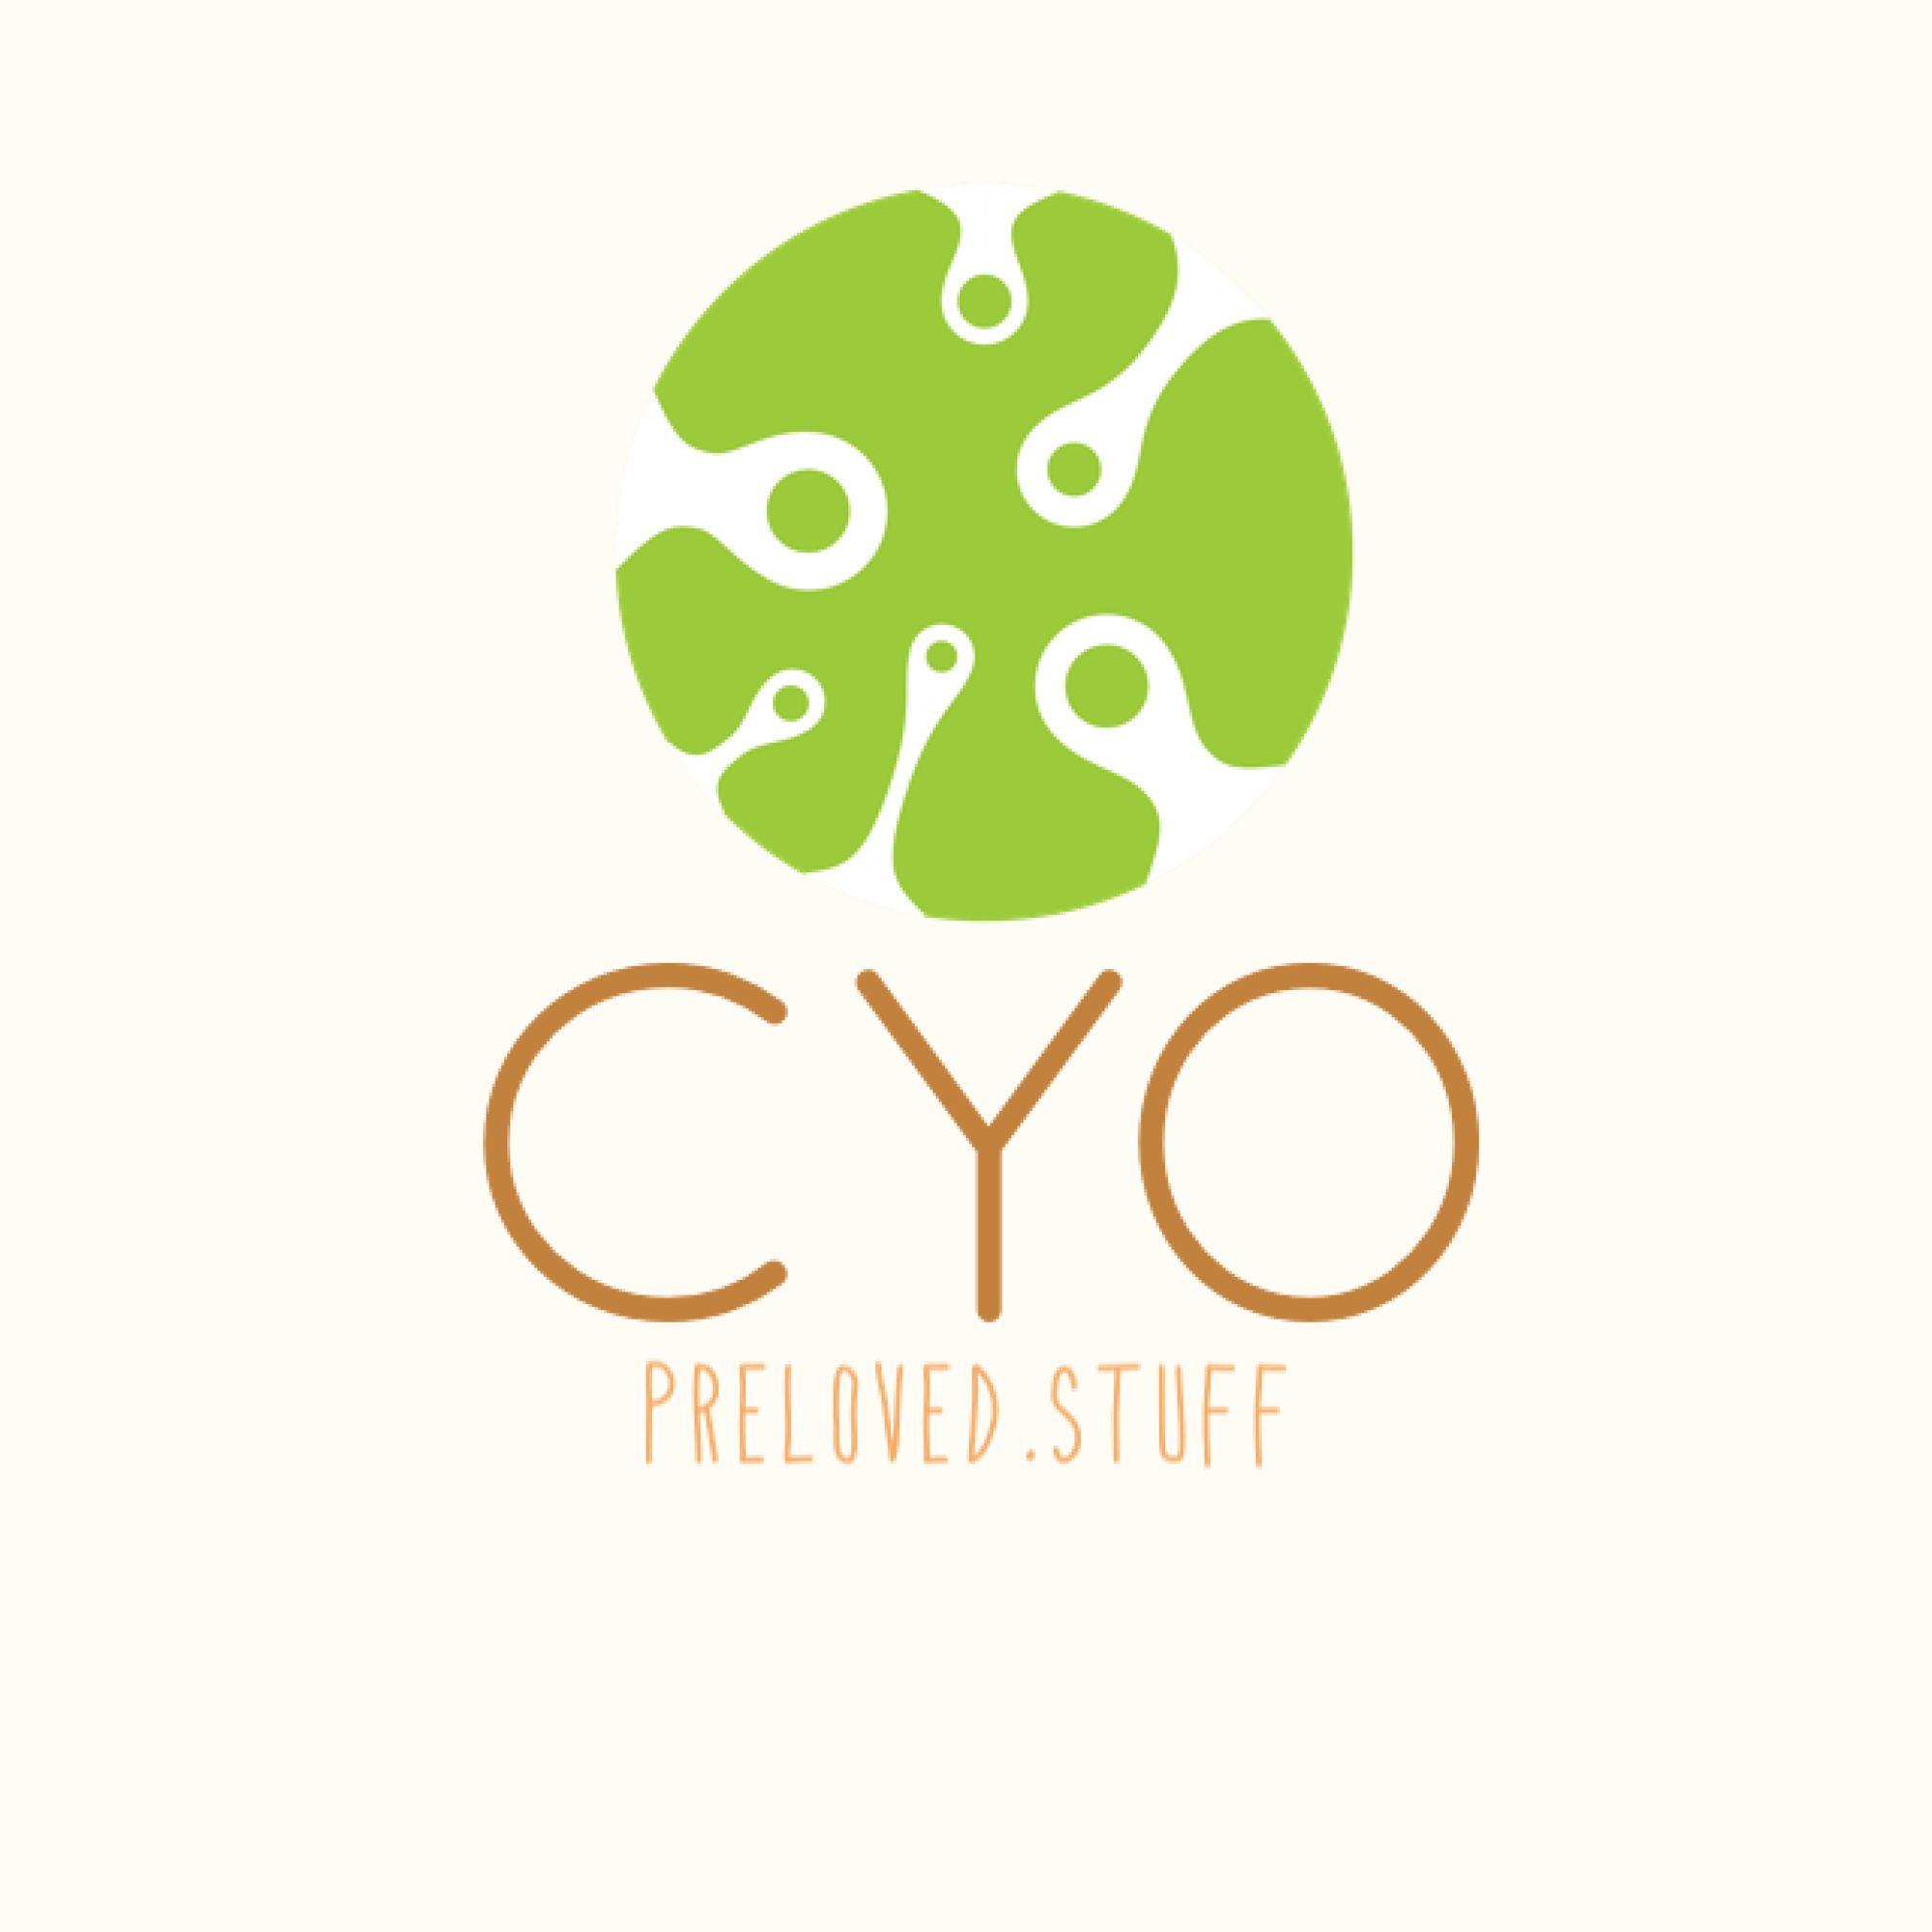 cyo.prelovedstuff